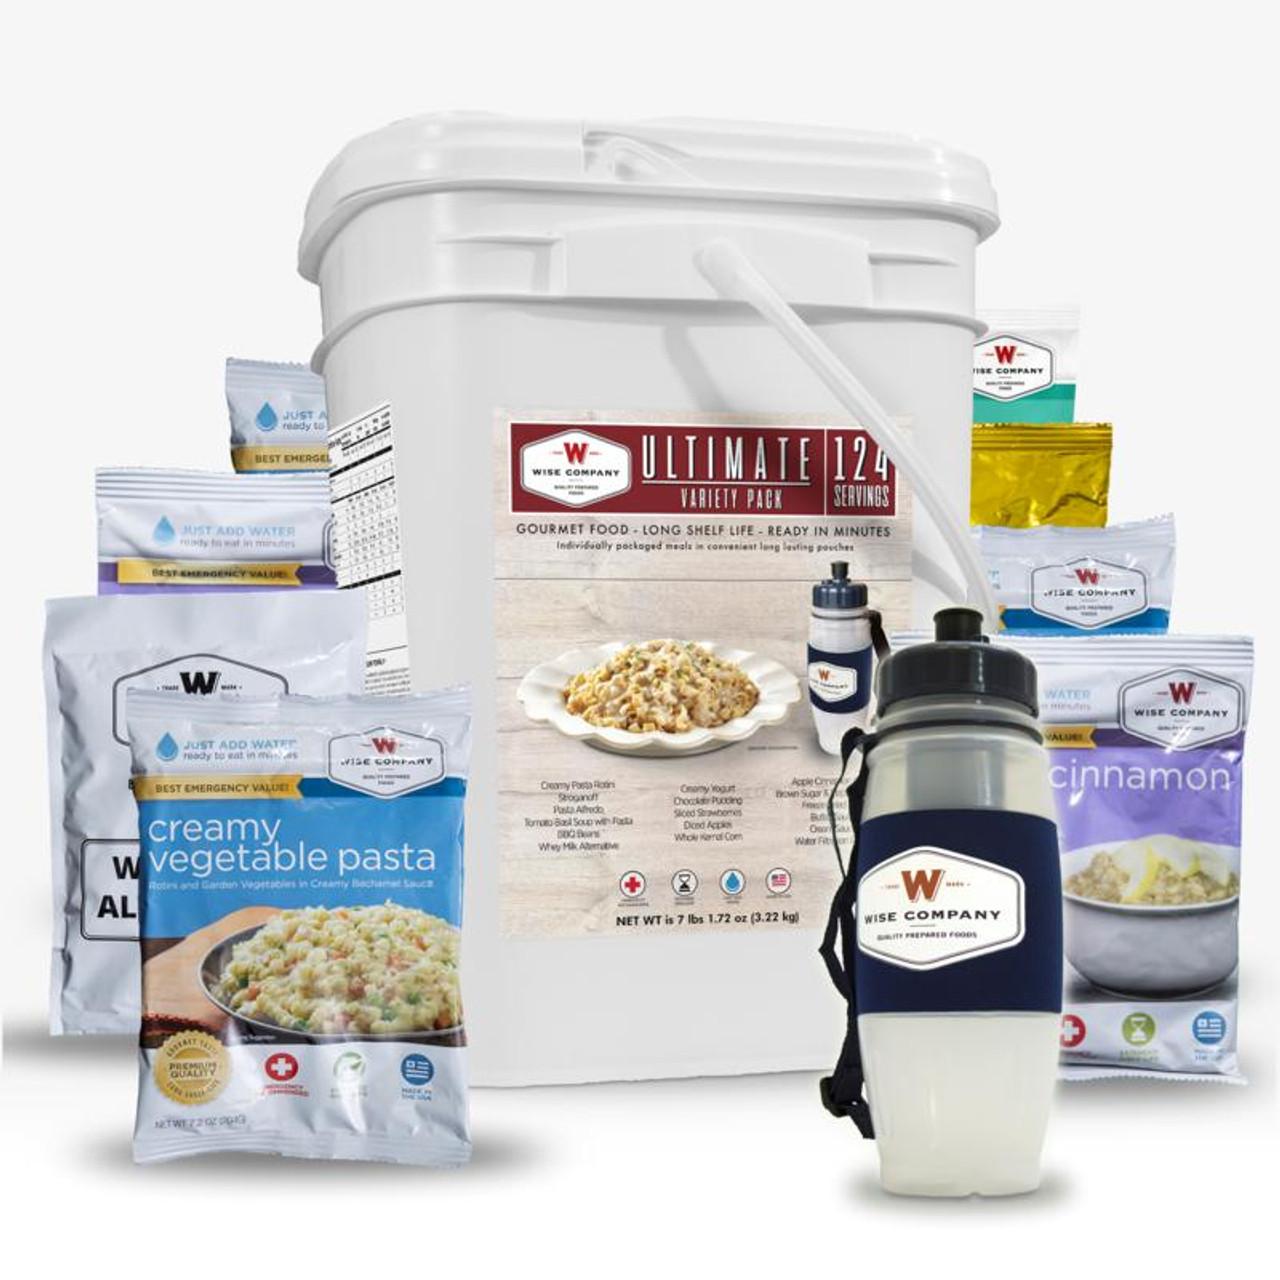 Wise 124 Serving Ultimate Emergency Food Bucket w/Seychelle Water Filter Bottle